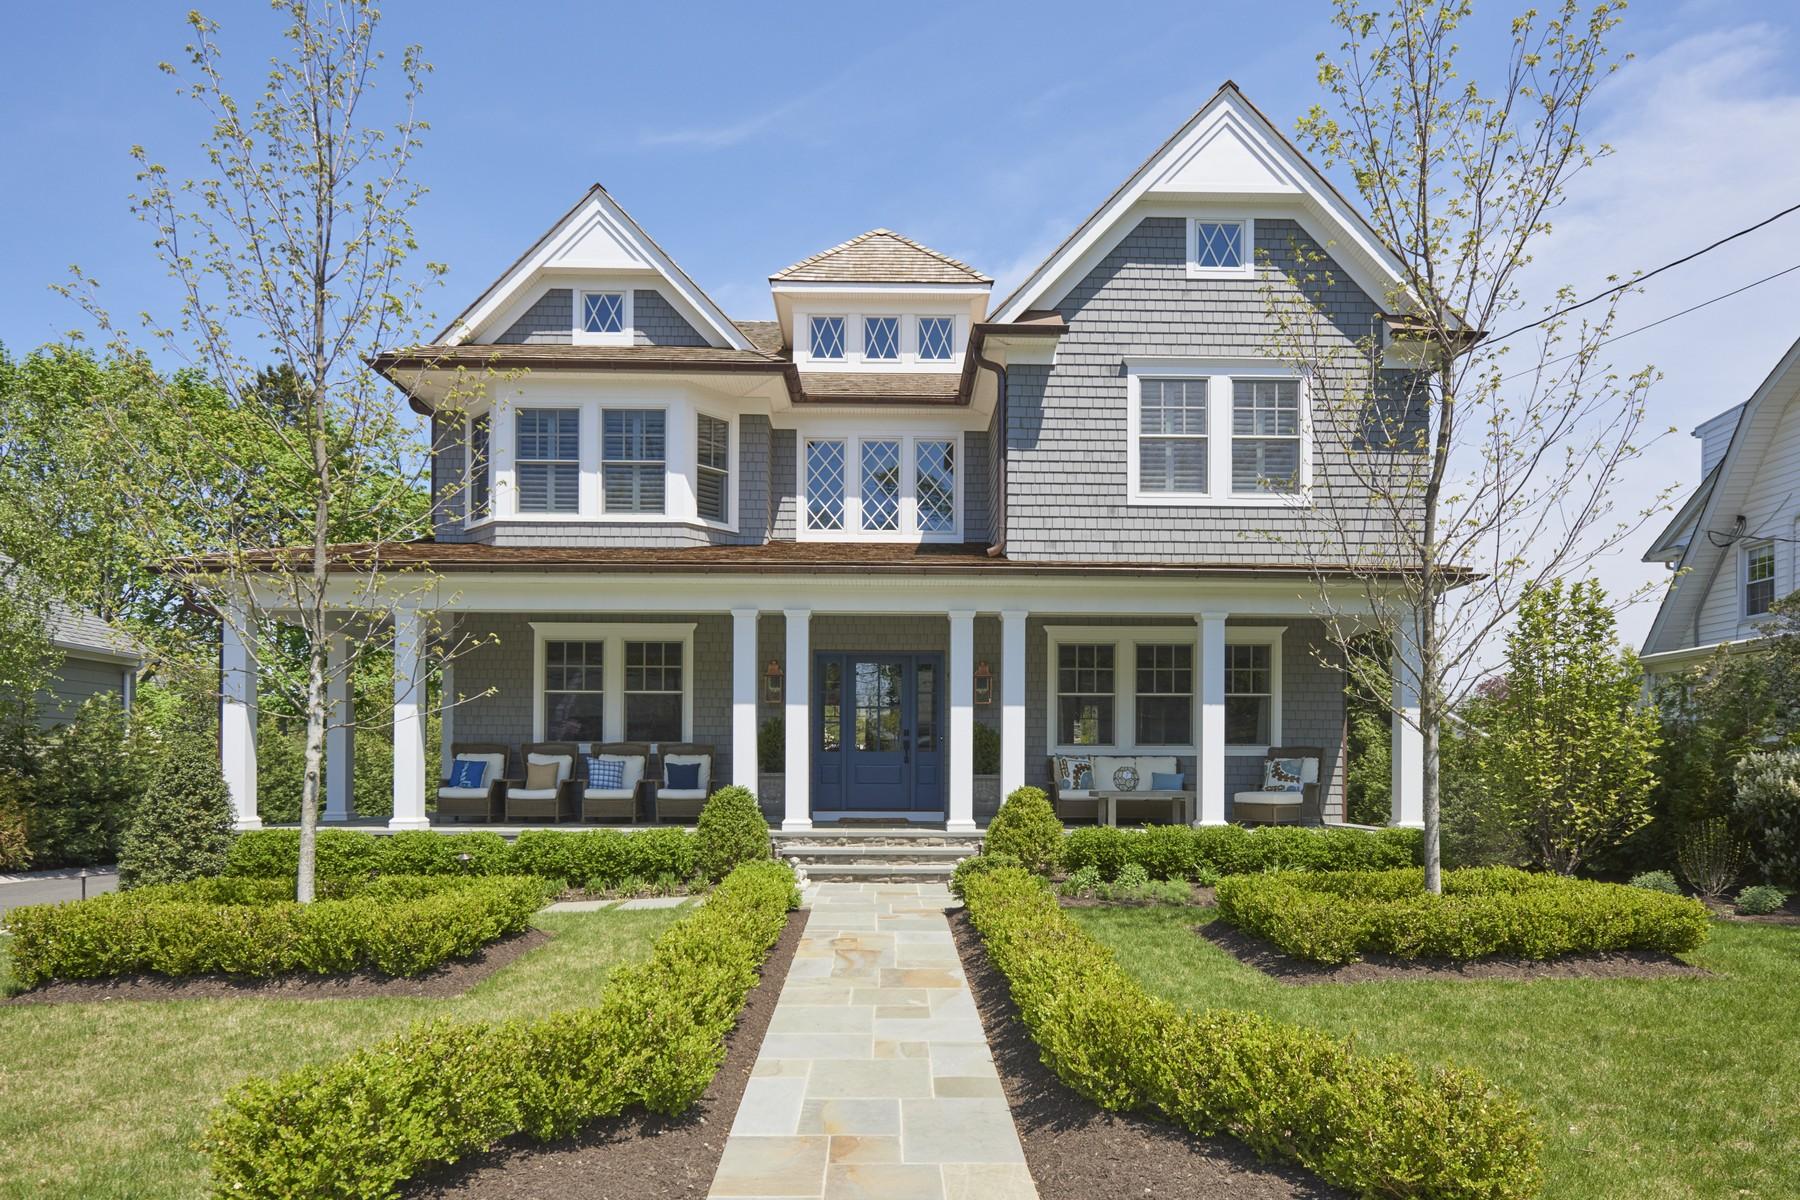 Maison unifamiliale pour l Vente à Paradise Found 9 Wardell Avenue, Rumson, New Jersey 07760 États-Unis